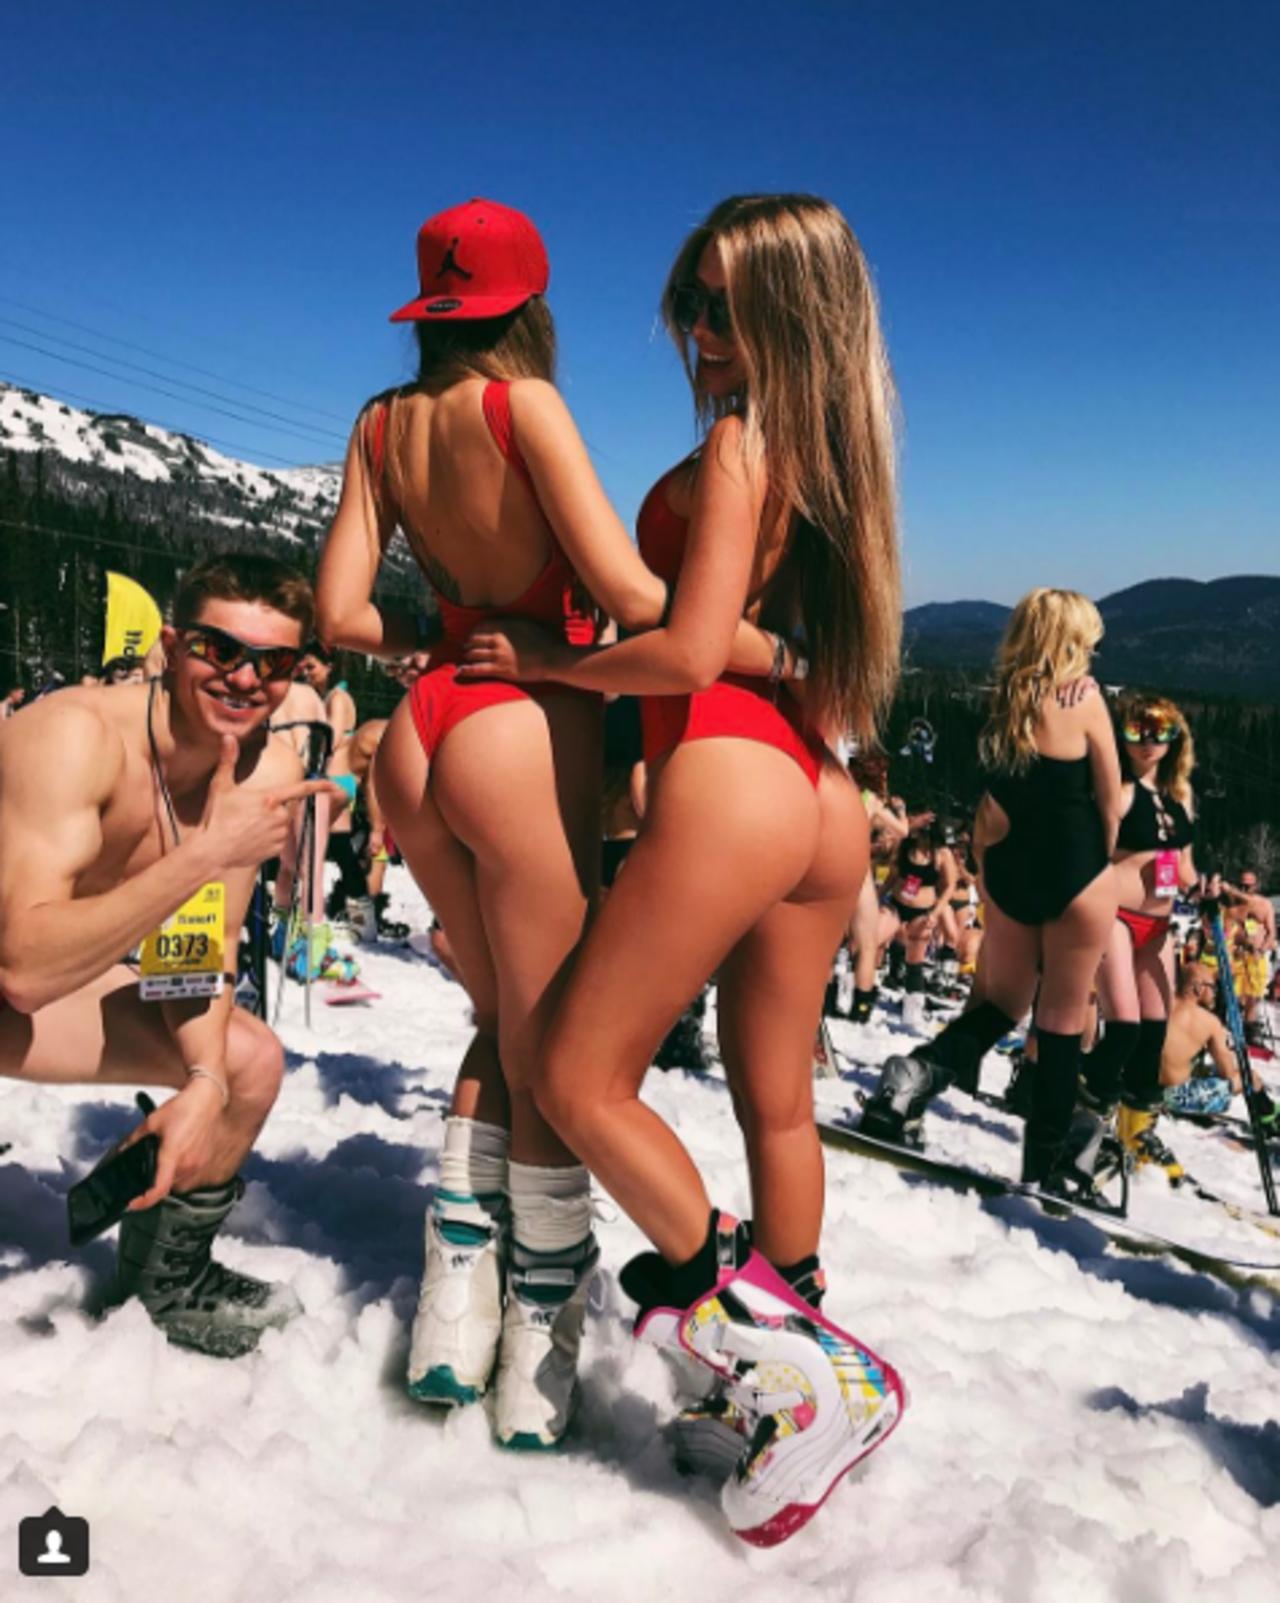 Групповое порно смотреть онлайн, секс групповуха где толпой ебут одну девку